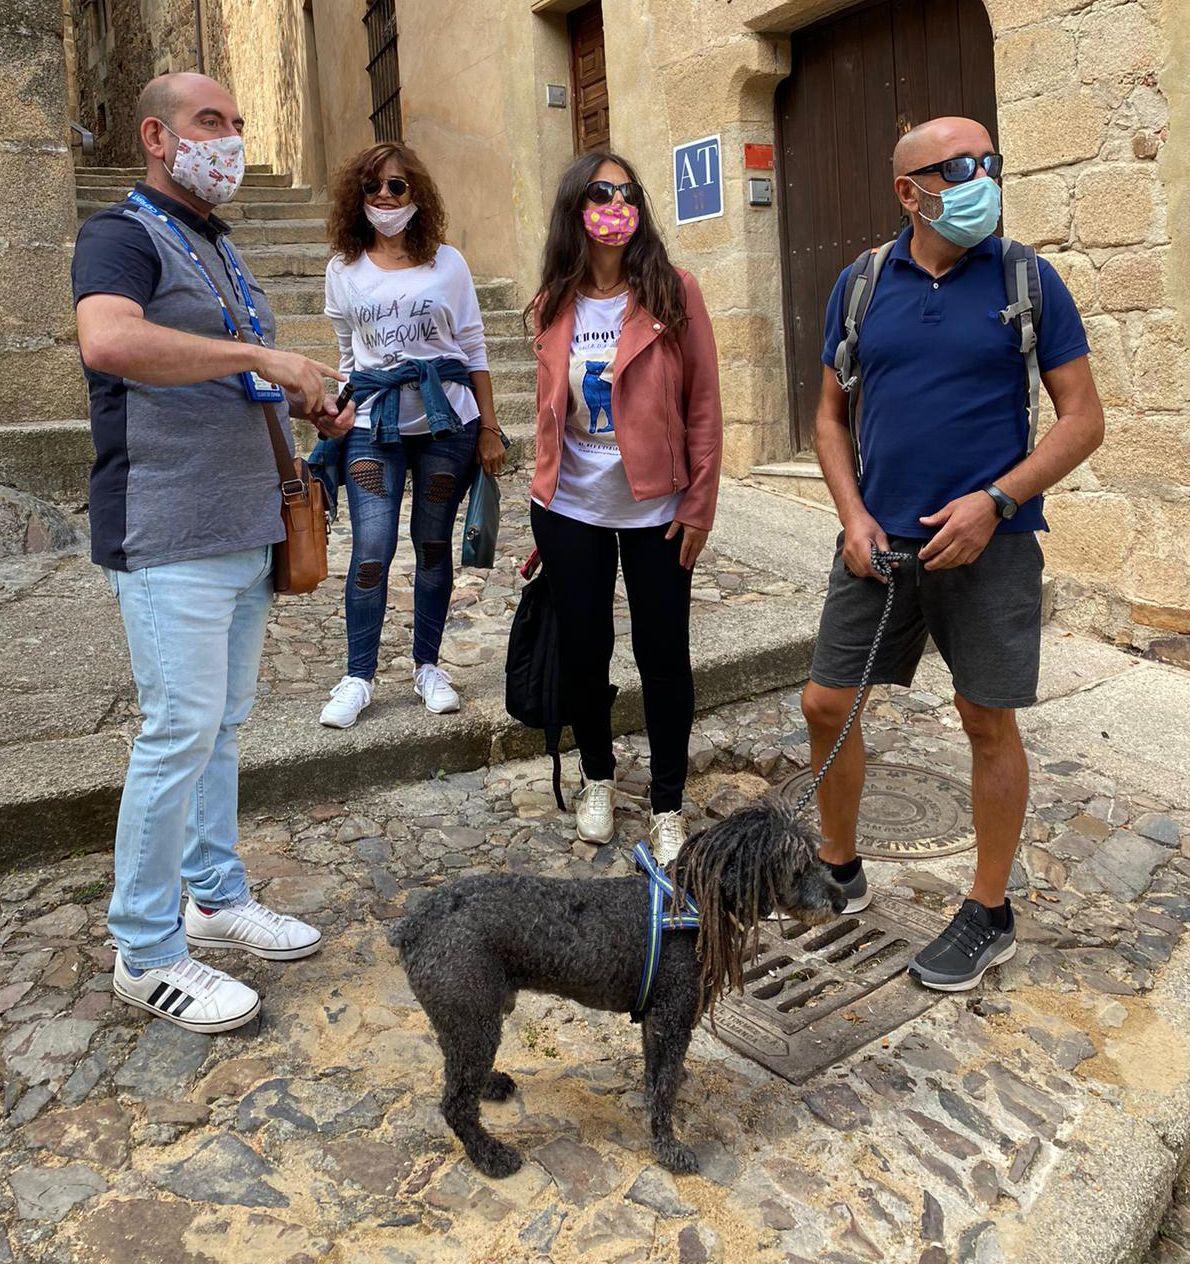 Nuestro compañero el guía de turismo Marco (a la izquierda) dándose un paseo por la ciudad monumental de Cáceres en compañía de una familia con perro. Por cierto, al fondo se ve la entrada de los apartamentos turísticos «Cáceres medieval», igualmente adheridos a la tendencia dog friendly.